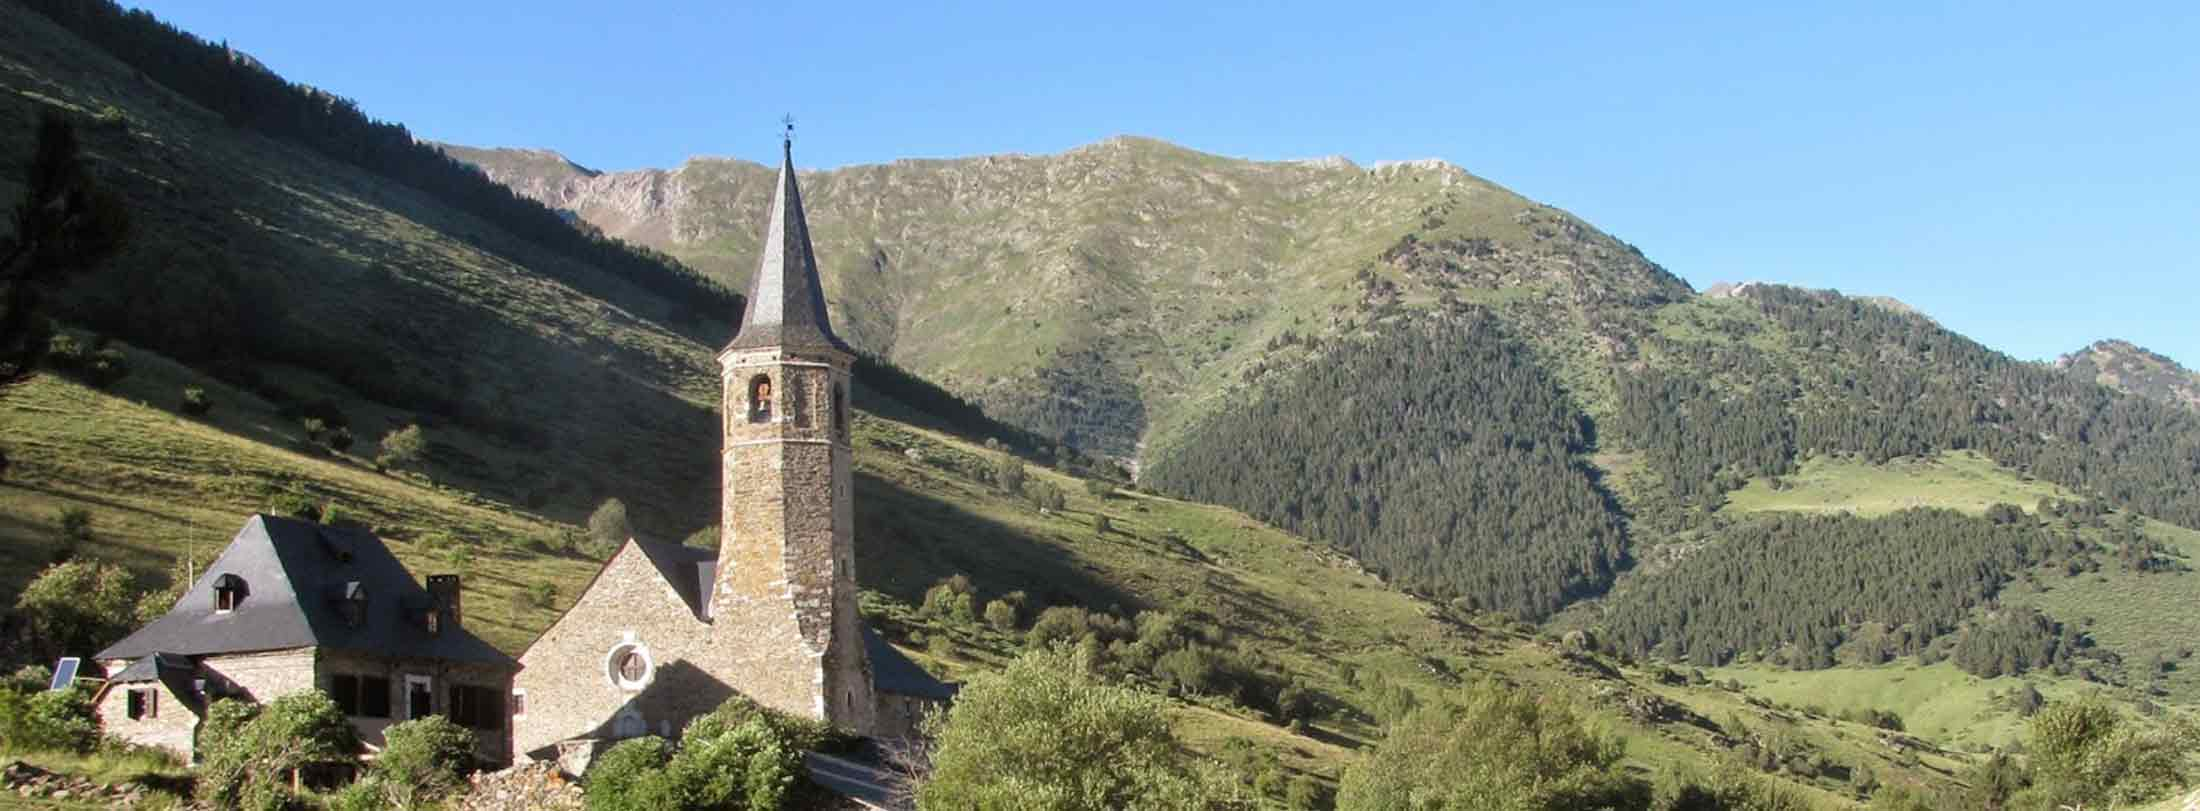 Ruta con 4x4 al Santuario de Montgarri y Pla de Beret